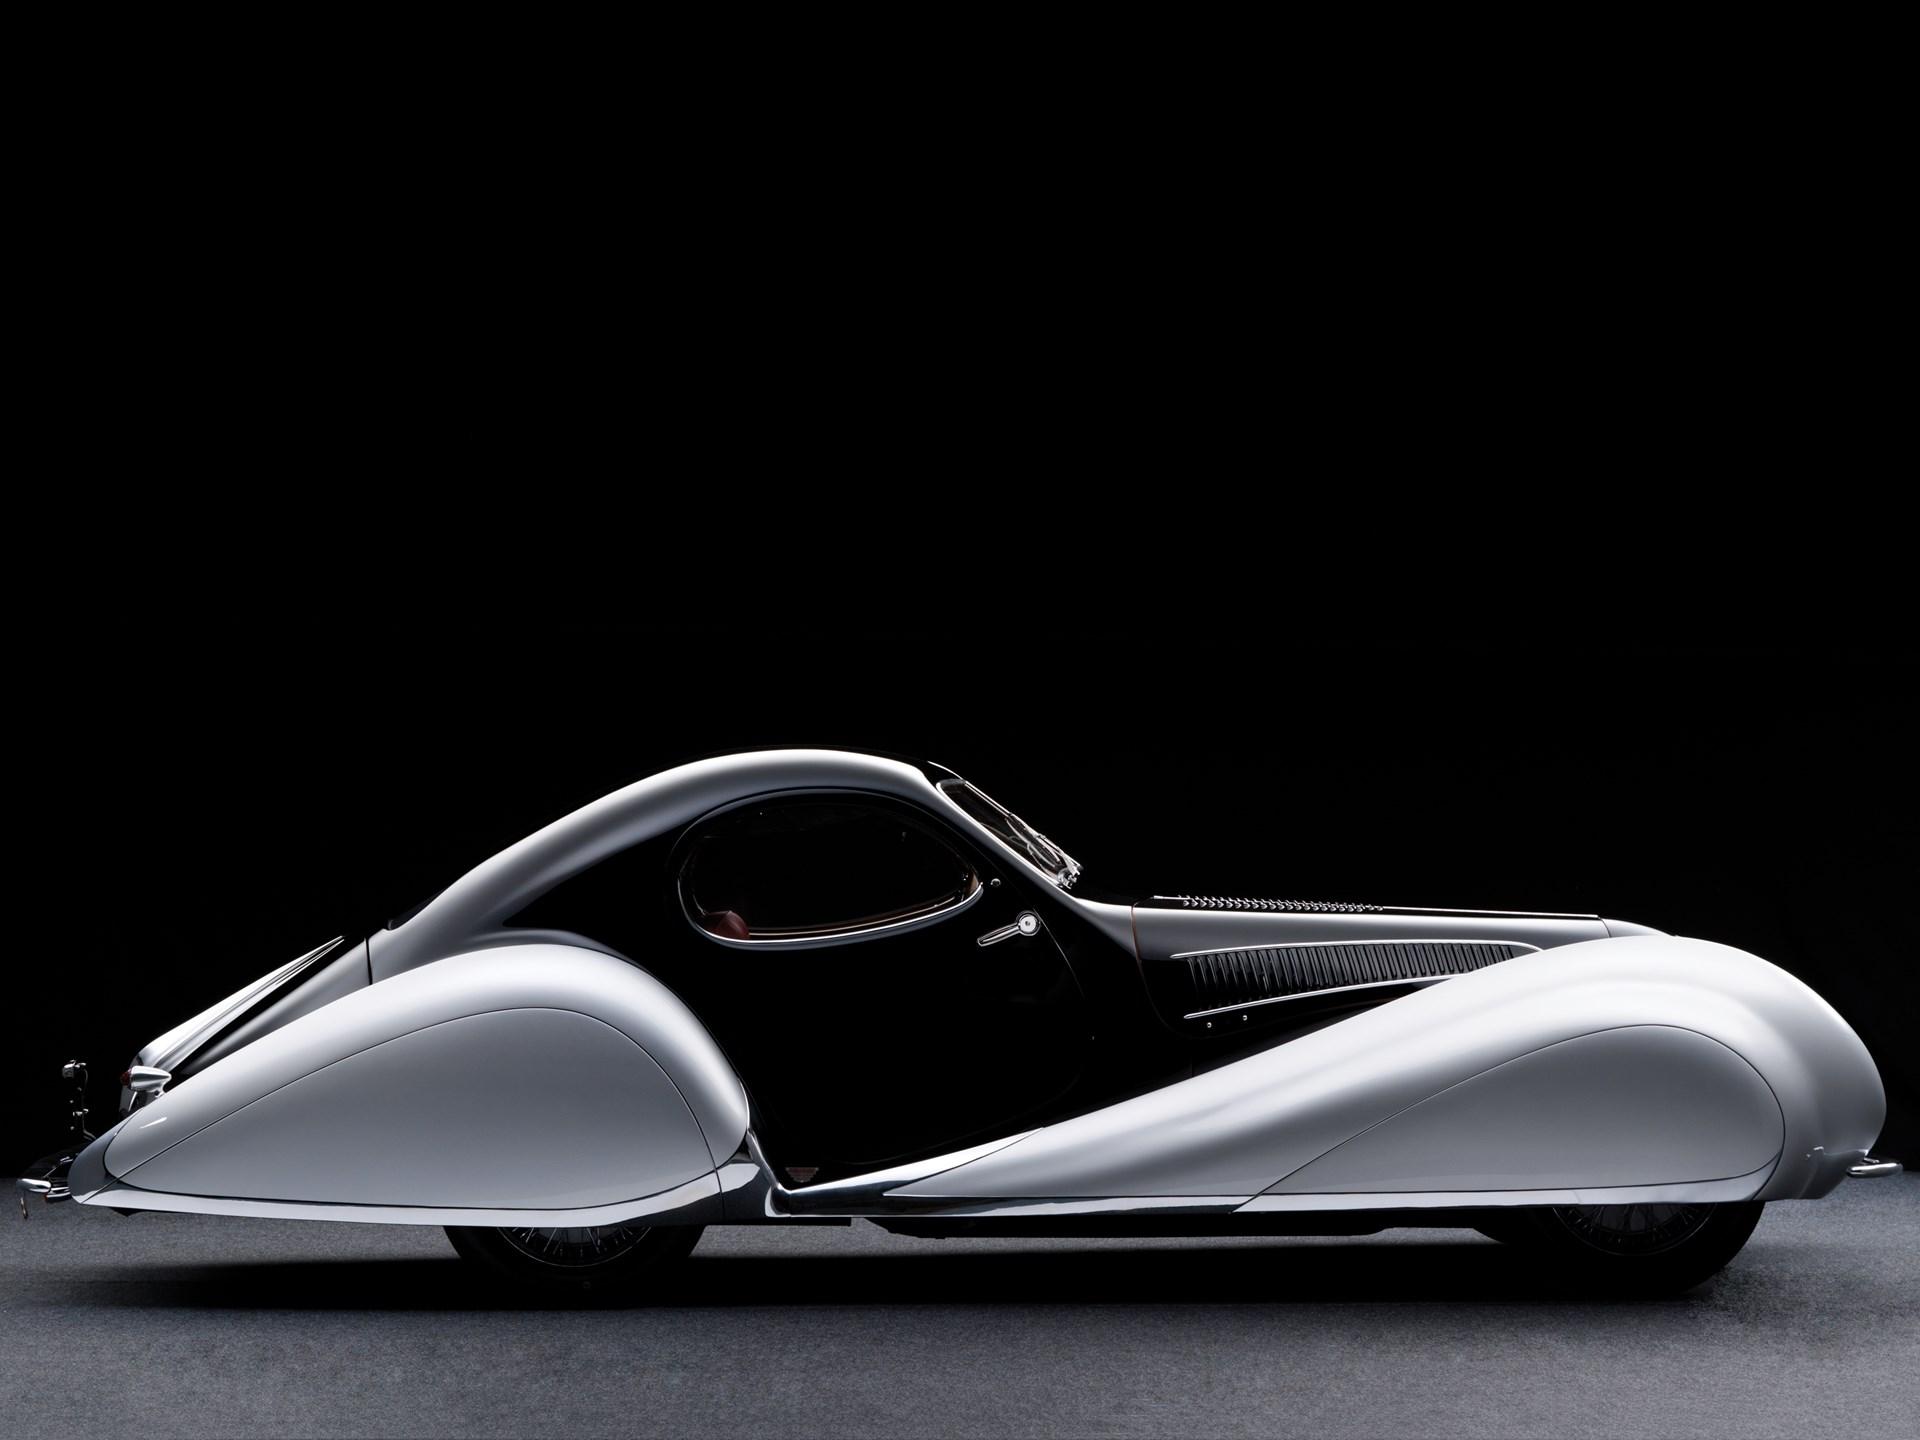 1937 Talbot-Lago T150-C SS 'Goutte d'Eau' Coupé by Figoni et Falaschi